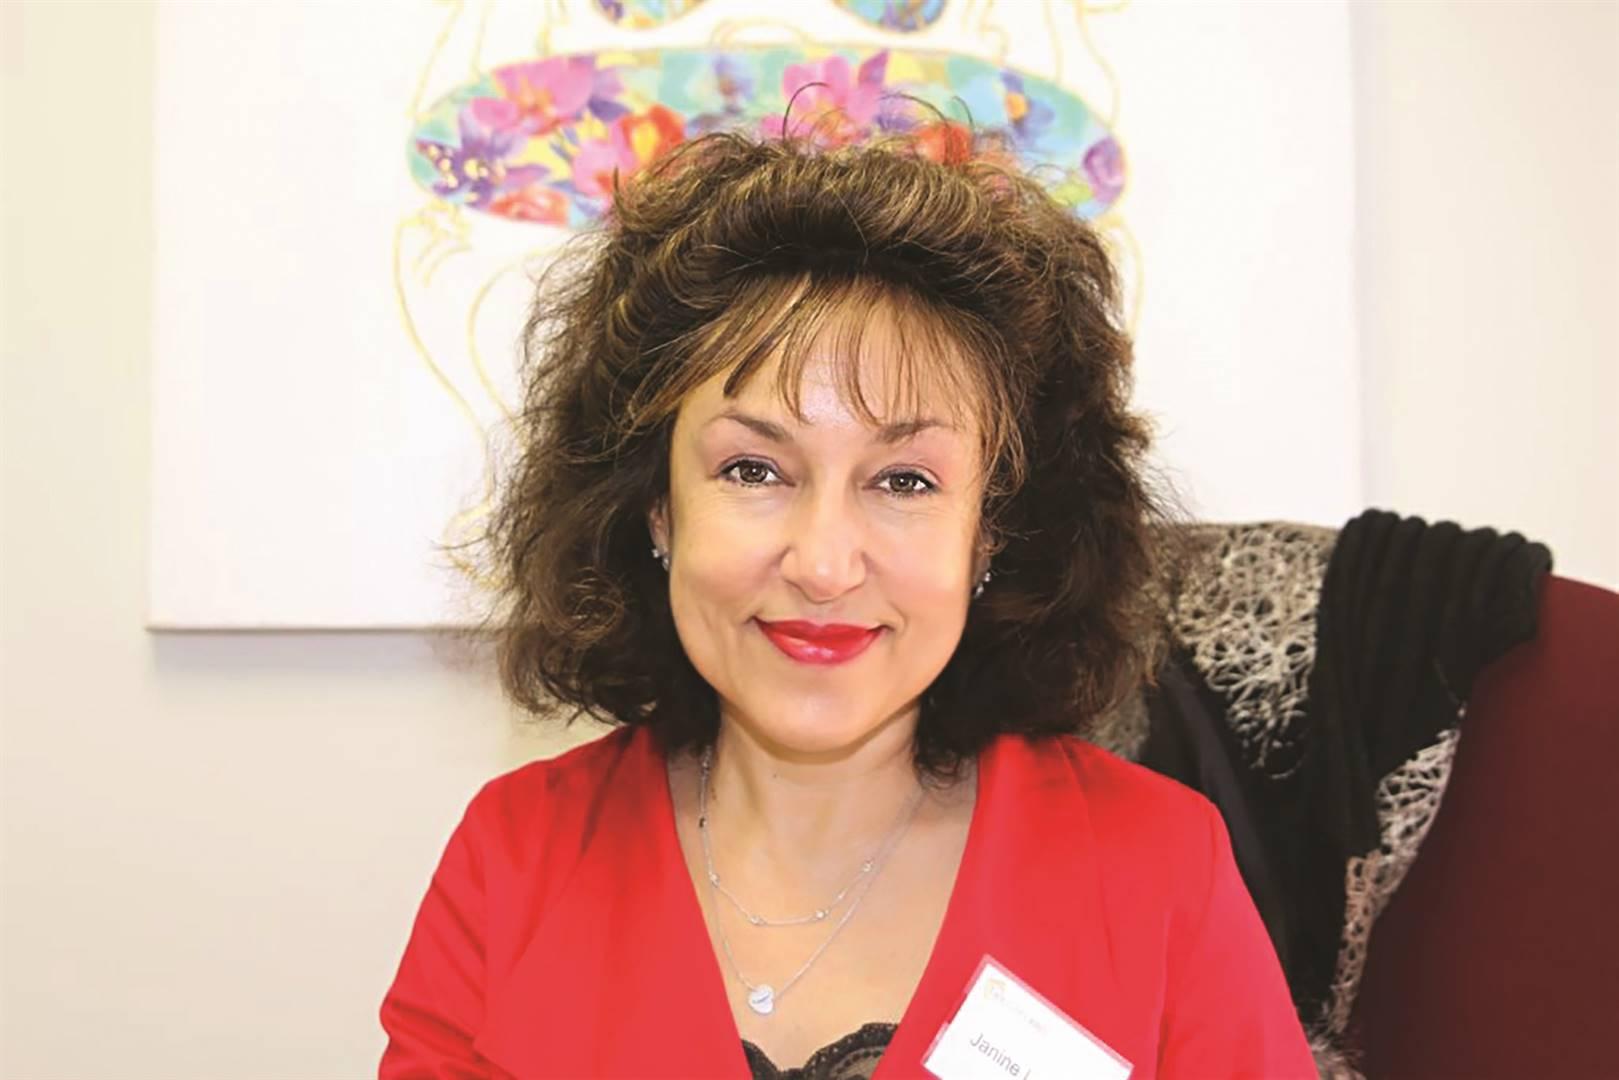 Janine Lazarus, oudjoernalis van 'The Star', die 'Saturday Star' en die 'Sunday Star' en skrywer van 'Bait'.